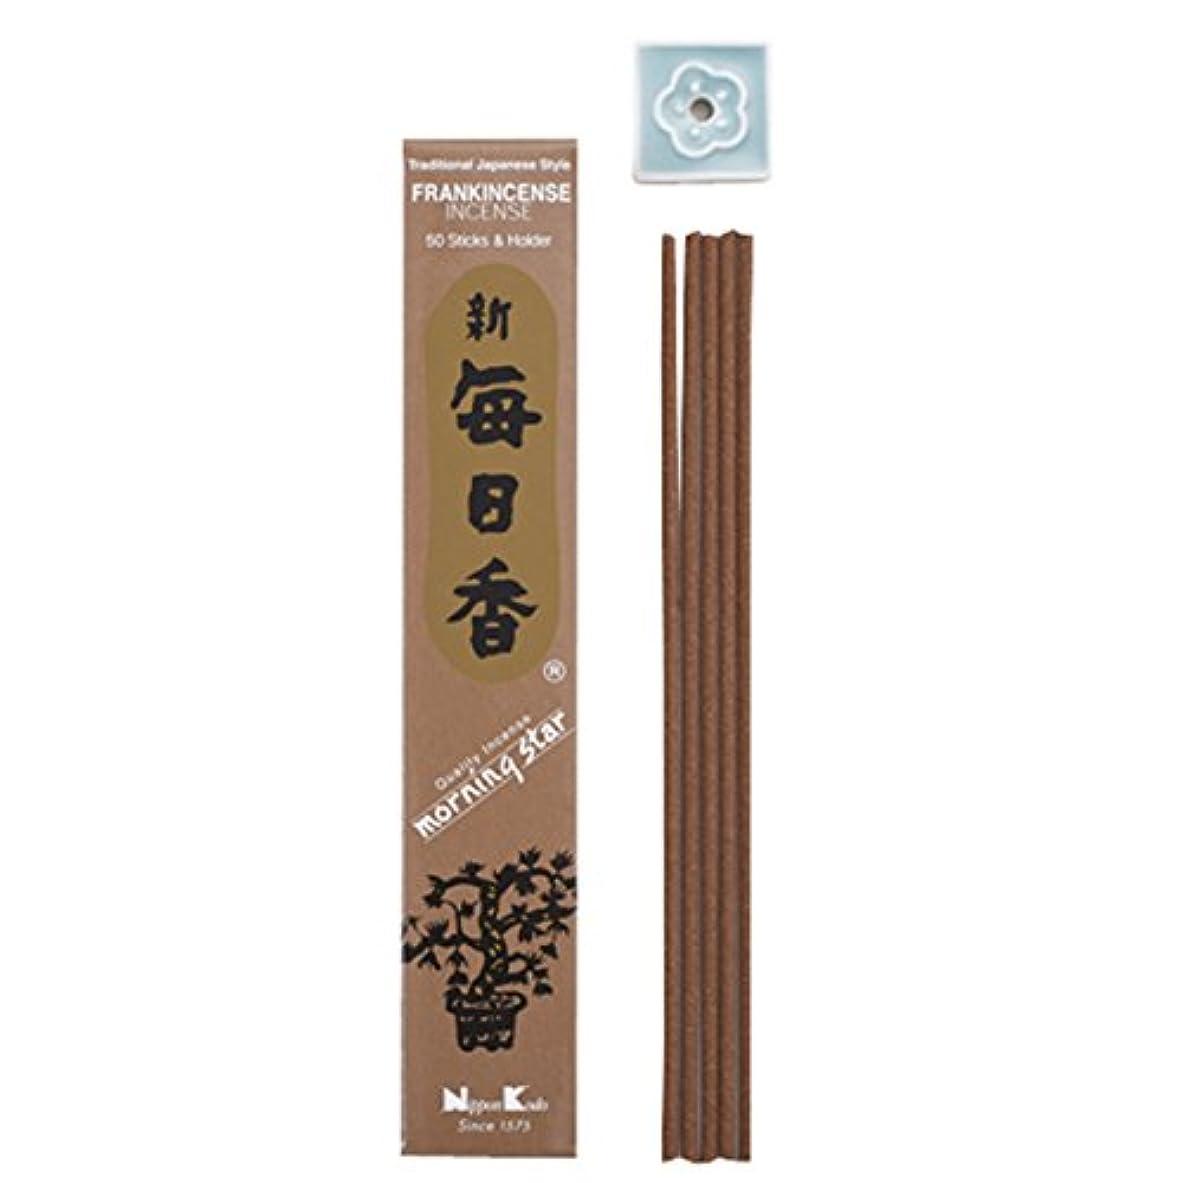 インセンティブ束安らぎMorning Star Japanese Incense Sticks Frankincense 50 Sticks &ホルダー'